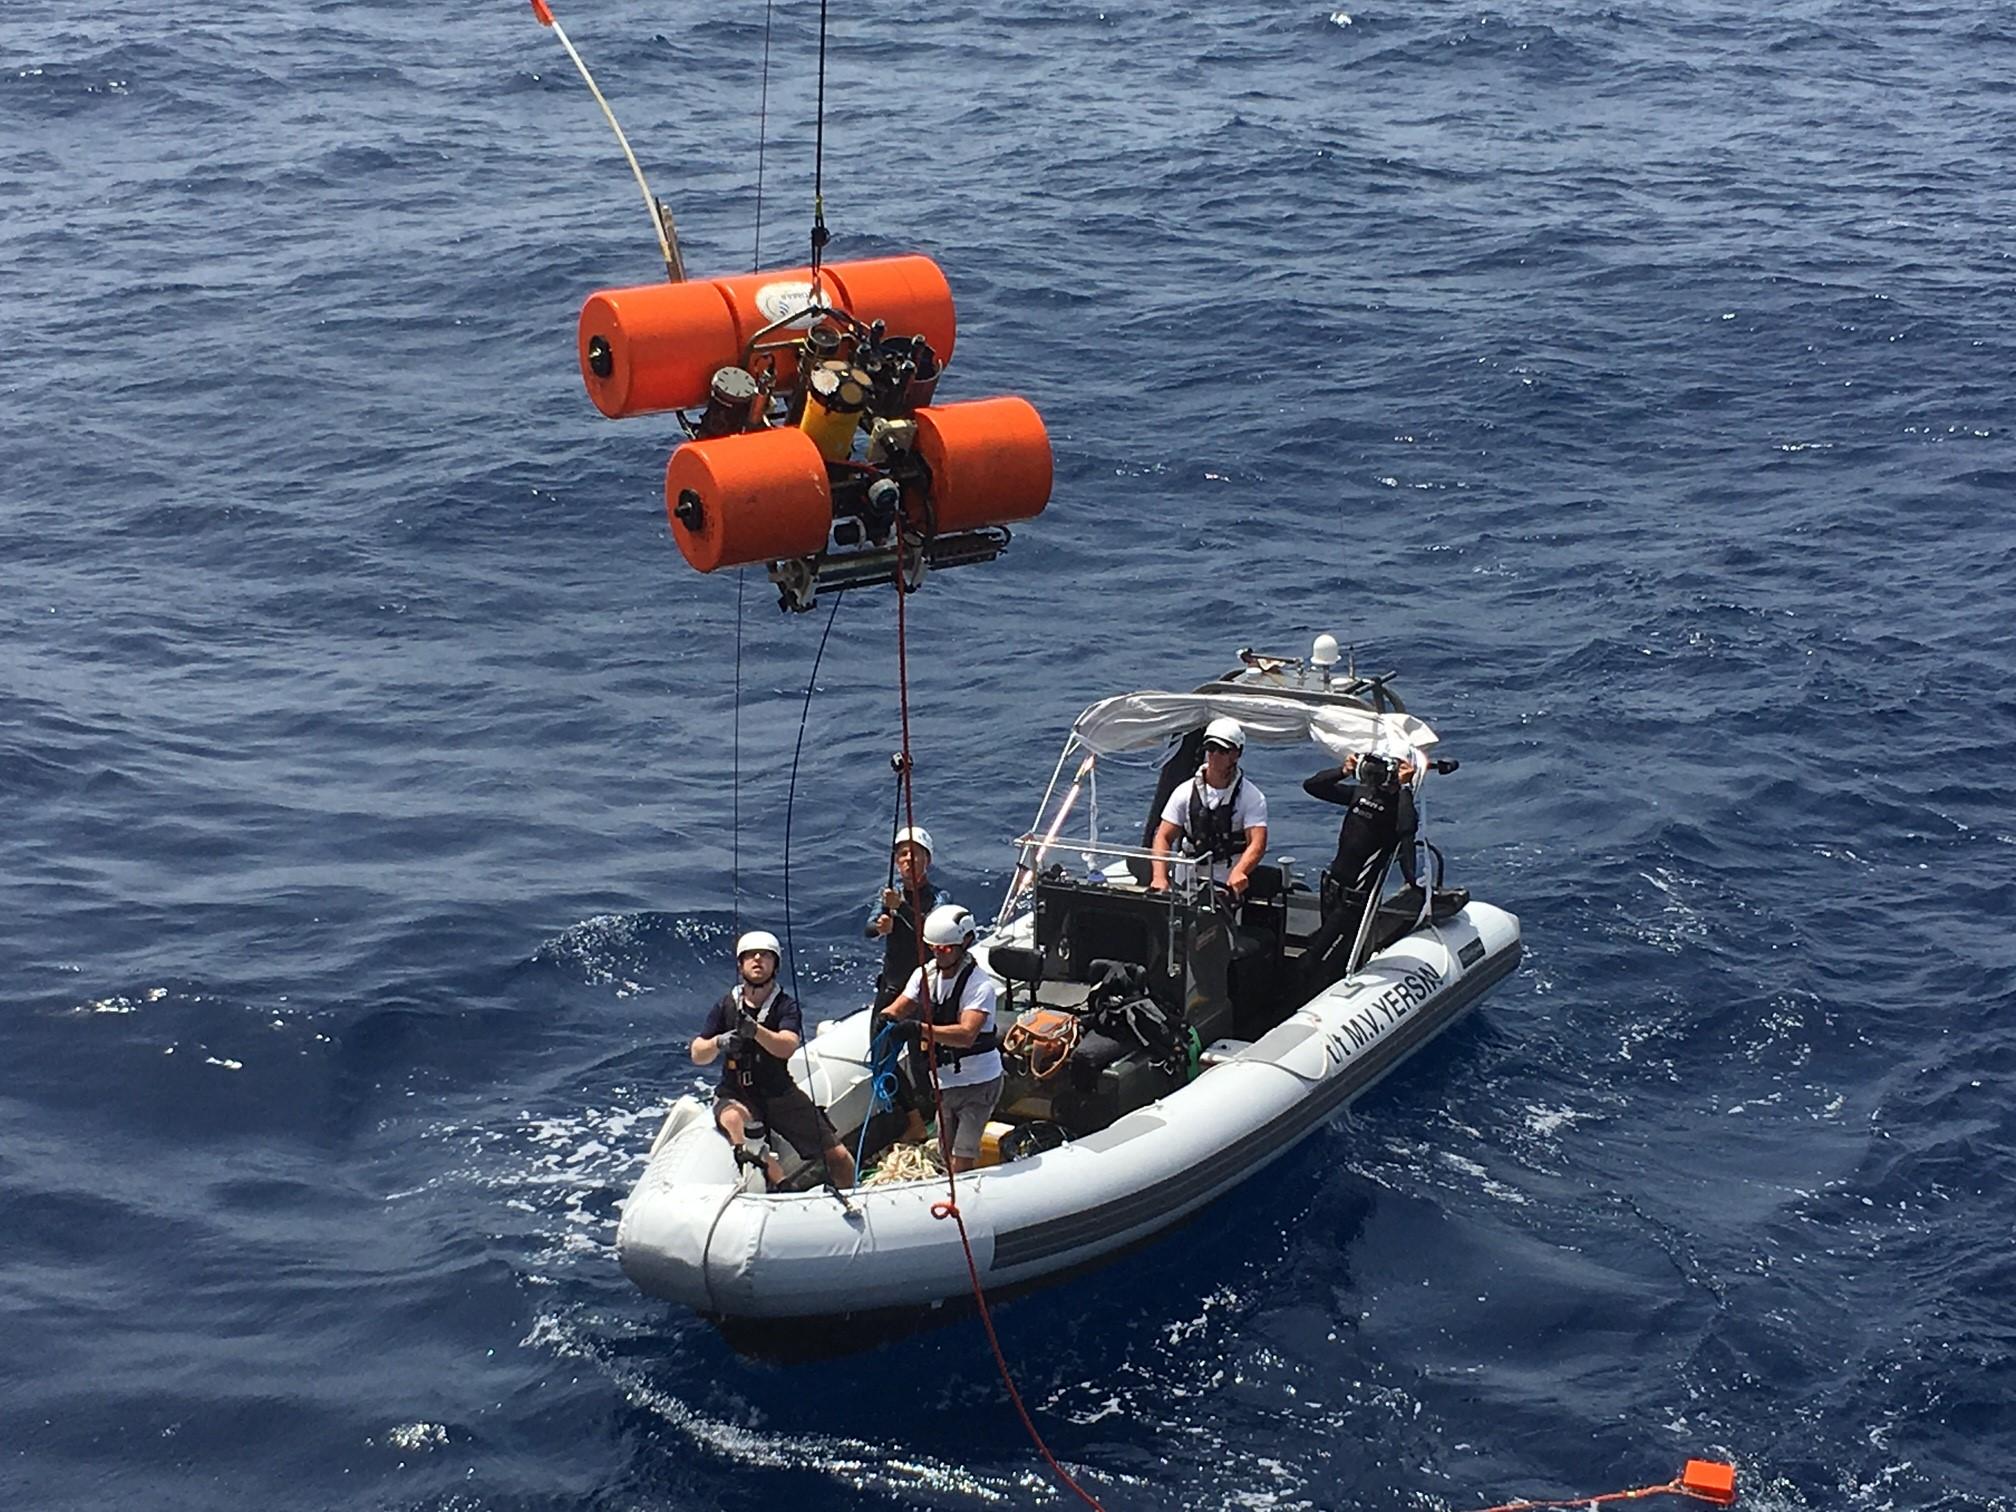 Cabo Verde Le « Bottom Lander » est récupéré sur le sommet du Senghor Seamount puis hissé à bord pour collecter les échantillons biologiques et les données numériques. ©Pierre Gilles Monaco Explorations